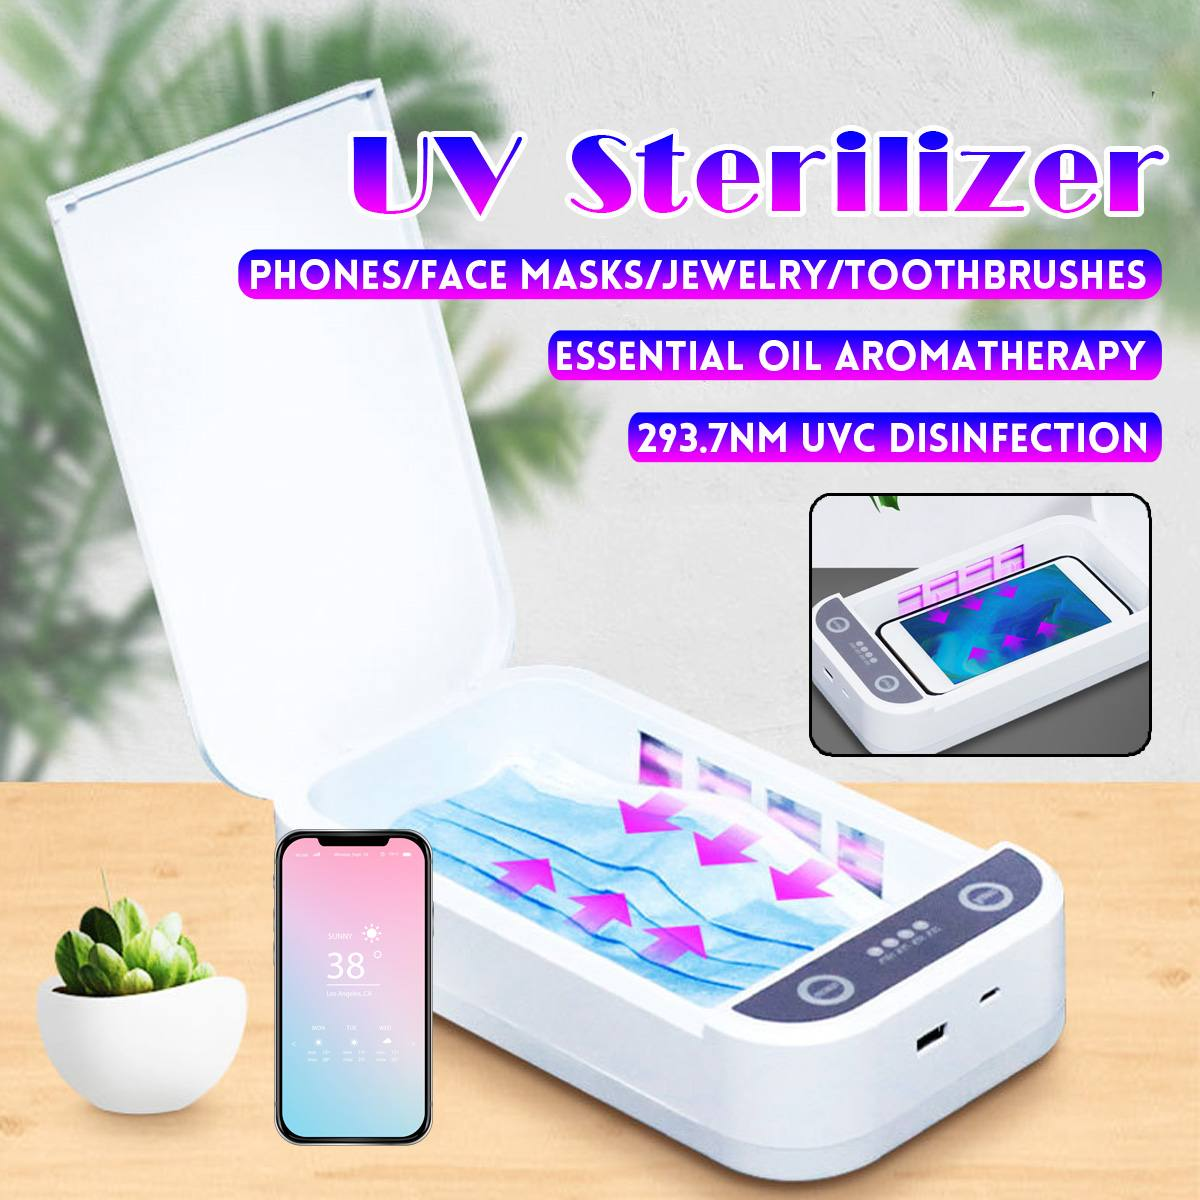 5V UV Disinfection Box Sanitizer Charger Prevent Flu For Mobile Phone Headphones Mask Sterilizer Kill 99.9% Viruses